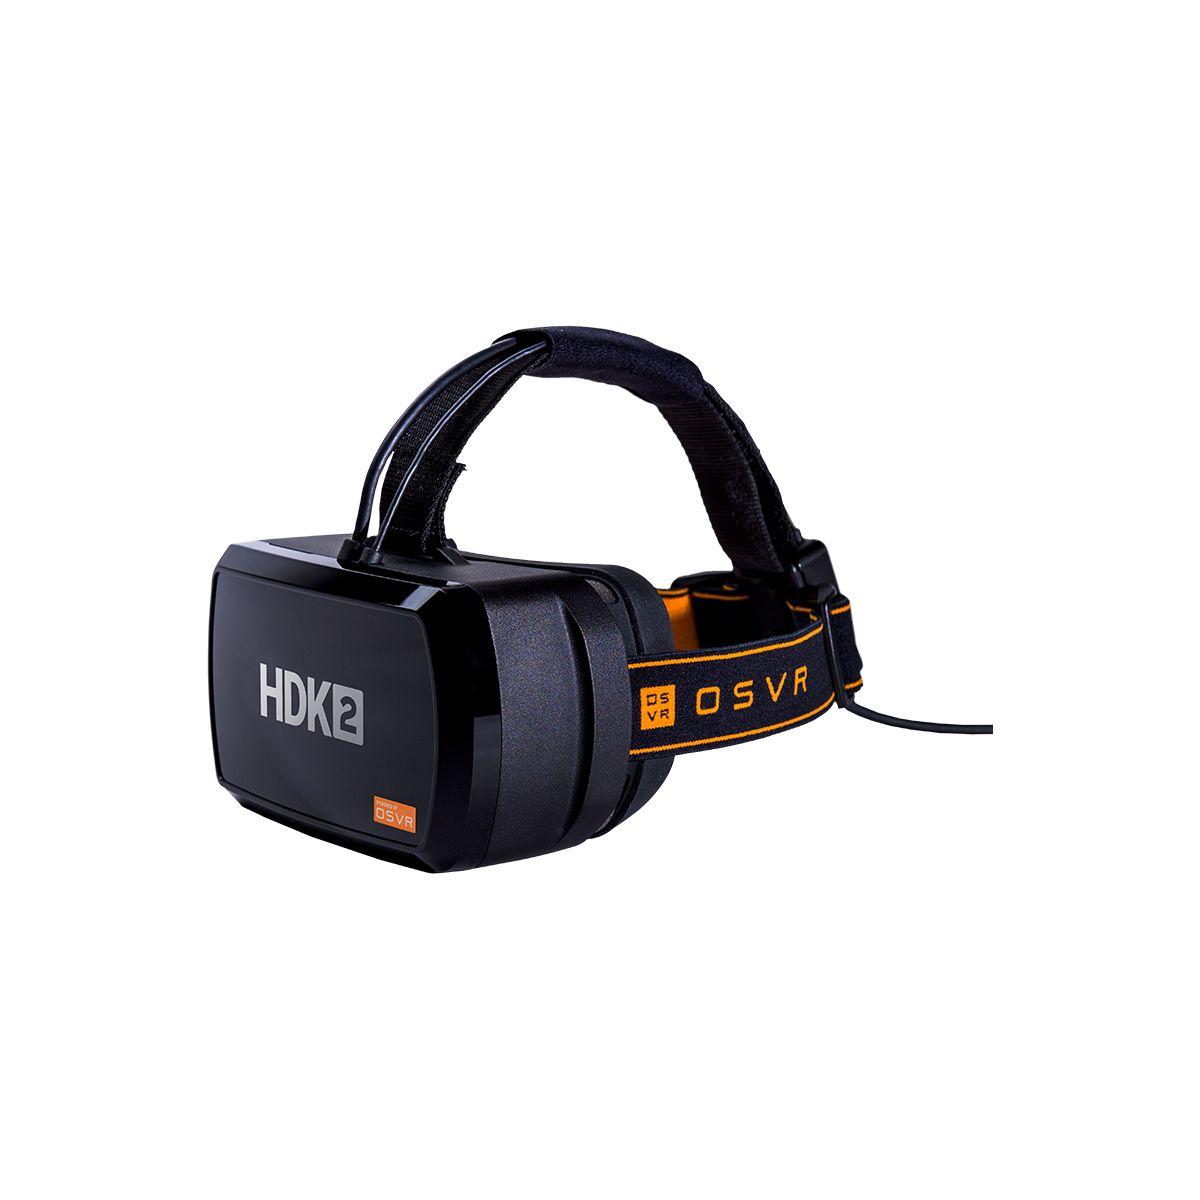 Casque de réalité virtuelle RAZER Casque OSVR HDK2